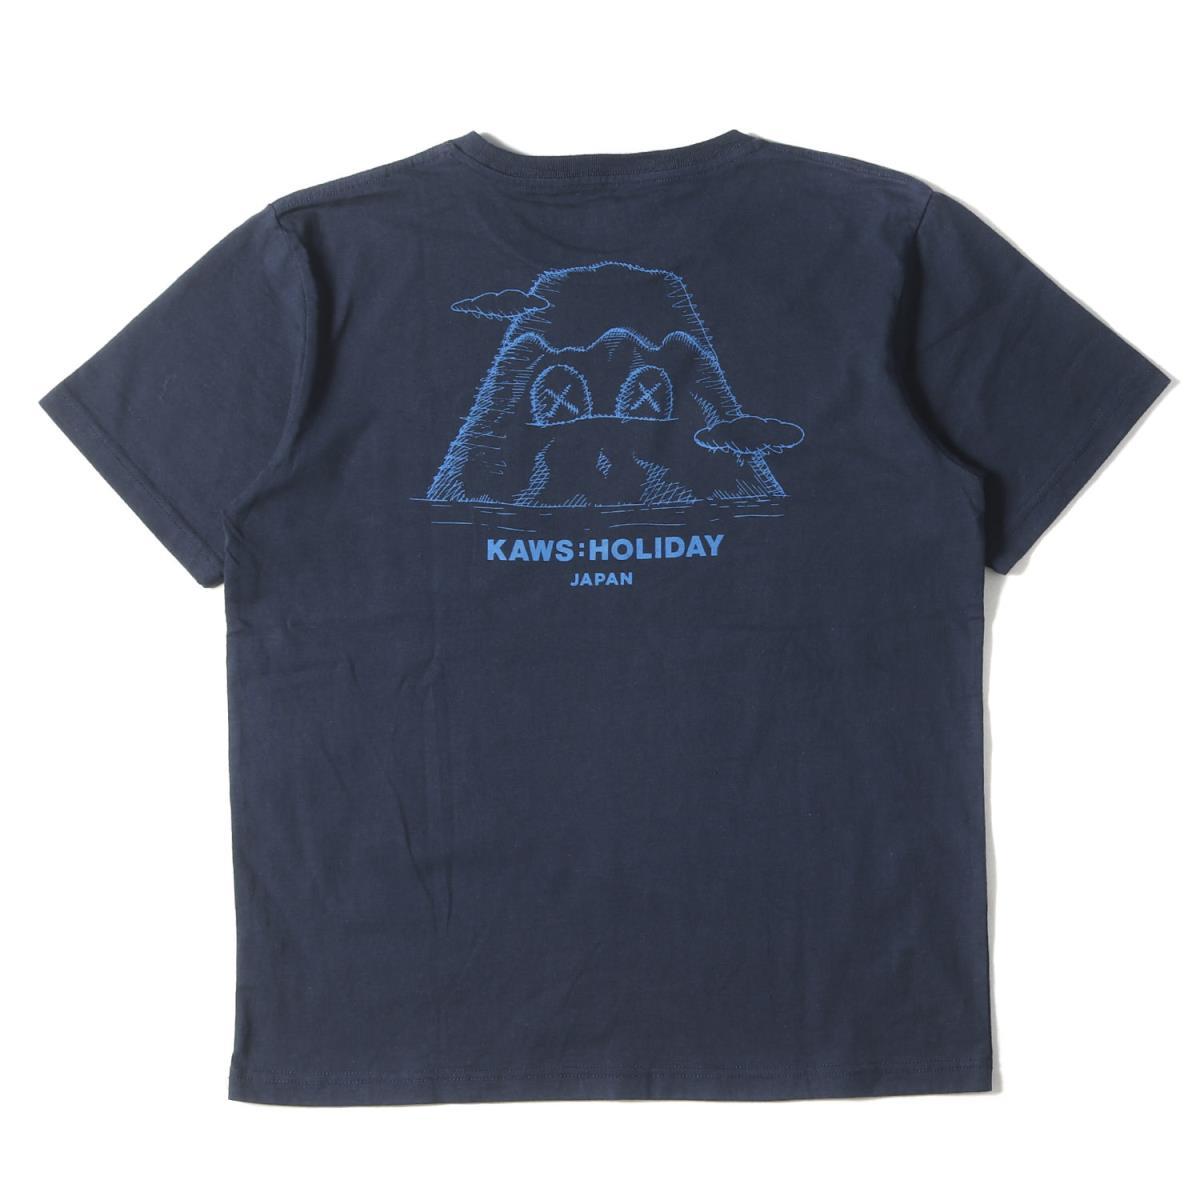 トップス, Tシャツ・カットソー KAWS T KAWS:HOLIDAY JAPAN T L K2646